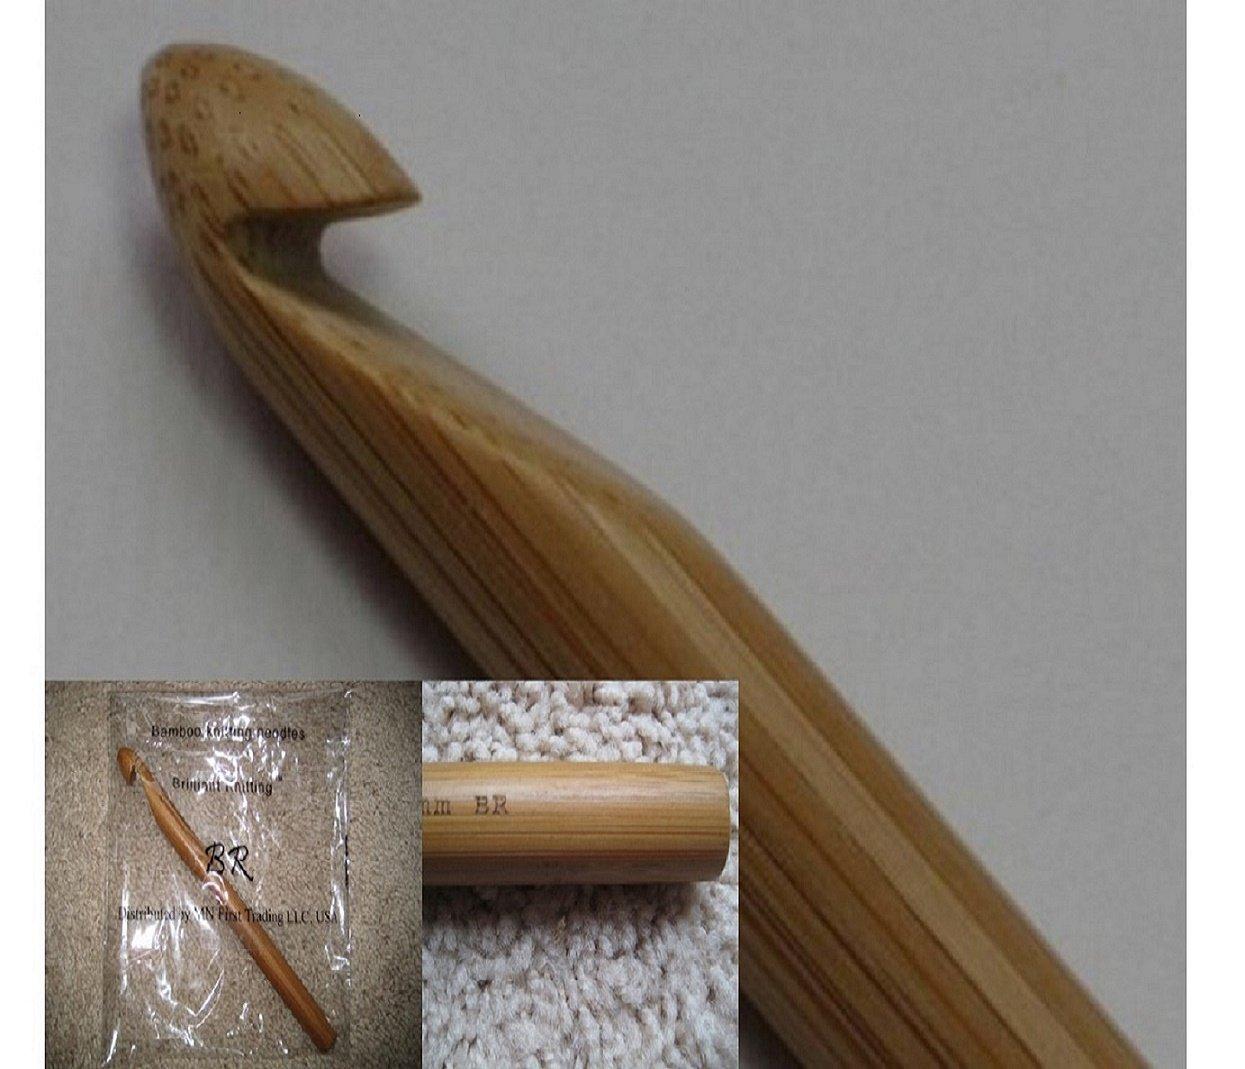 BrilliantKnitting (BR brand, registered, ) Jumbo bamboo crochet hook Size 22 mm (US T)